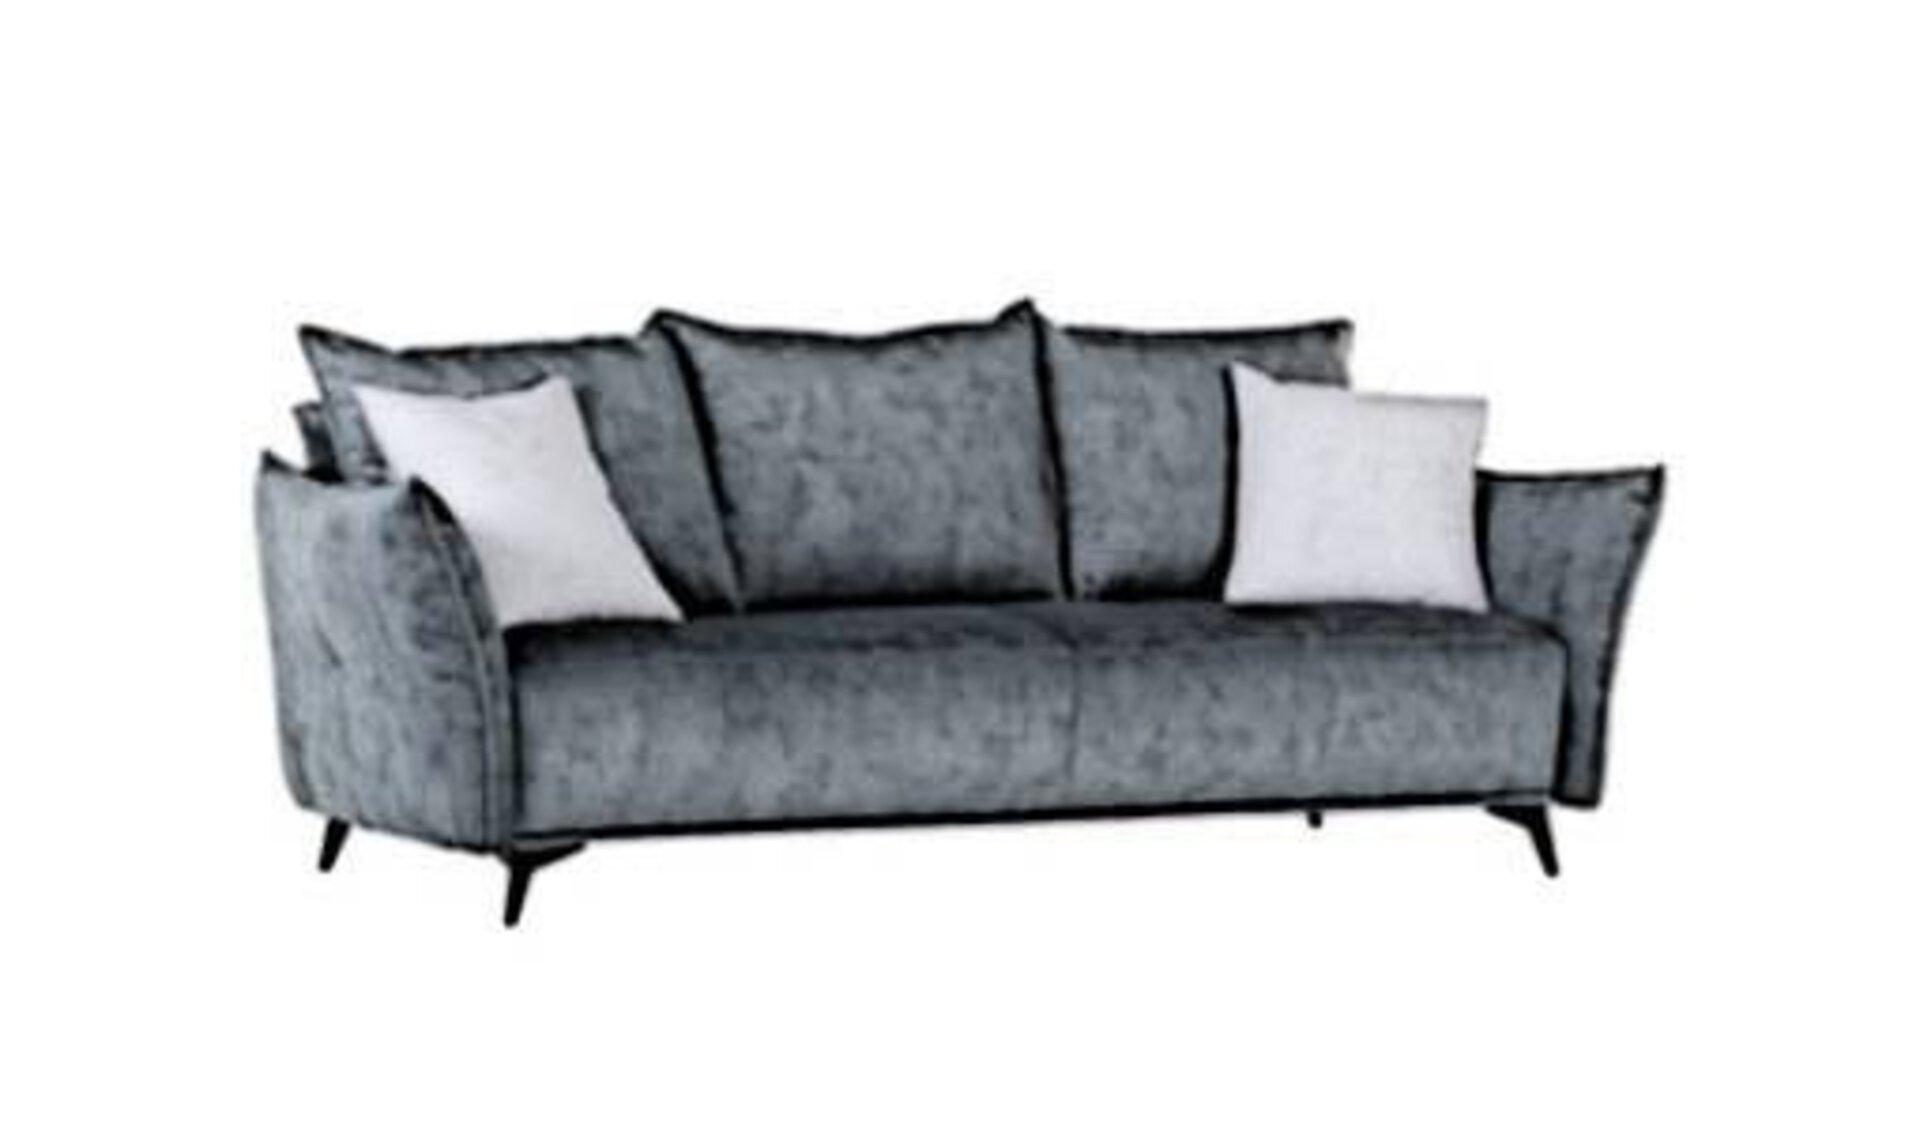 Big-Sofa mit drei großen Kissen im Rückenbereich und zwei kleineren Dekokissen an den Seiten. Das abgebildete grause Bigsofa steht sinnbildlich für alle Produkte innerhalb der Kategorie Big-Sofas